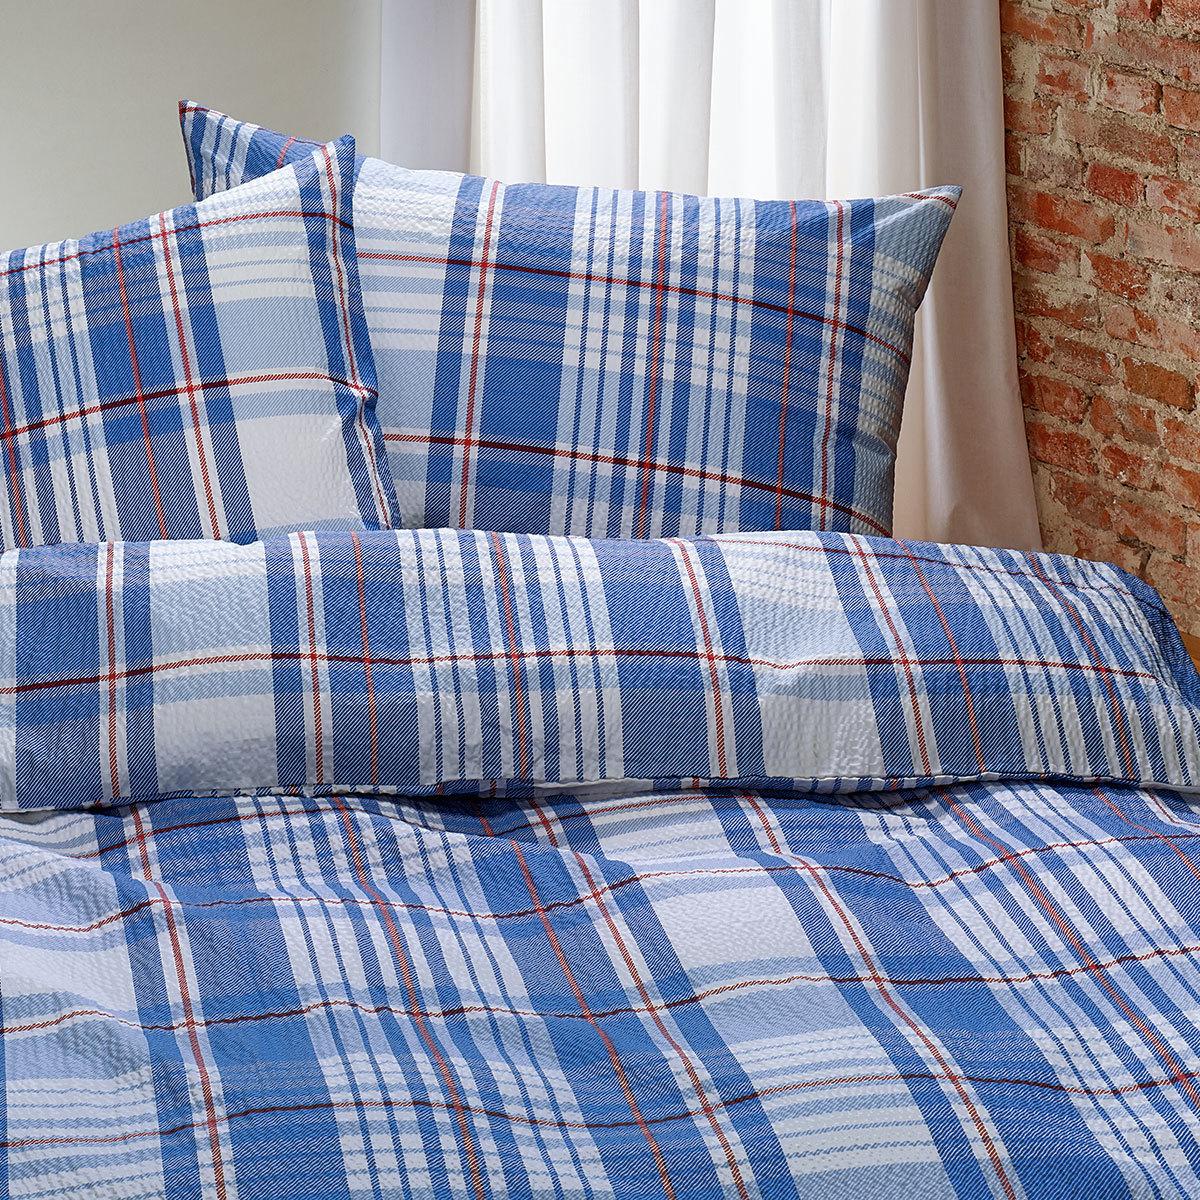 traumschlaf seersucker bettw sche streifen blau g nstig online kaufen bei bettwaren shop. Black Bedroom Furniture Sets. Home Design Ideas